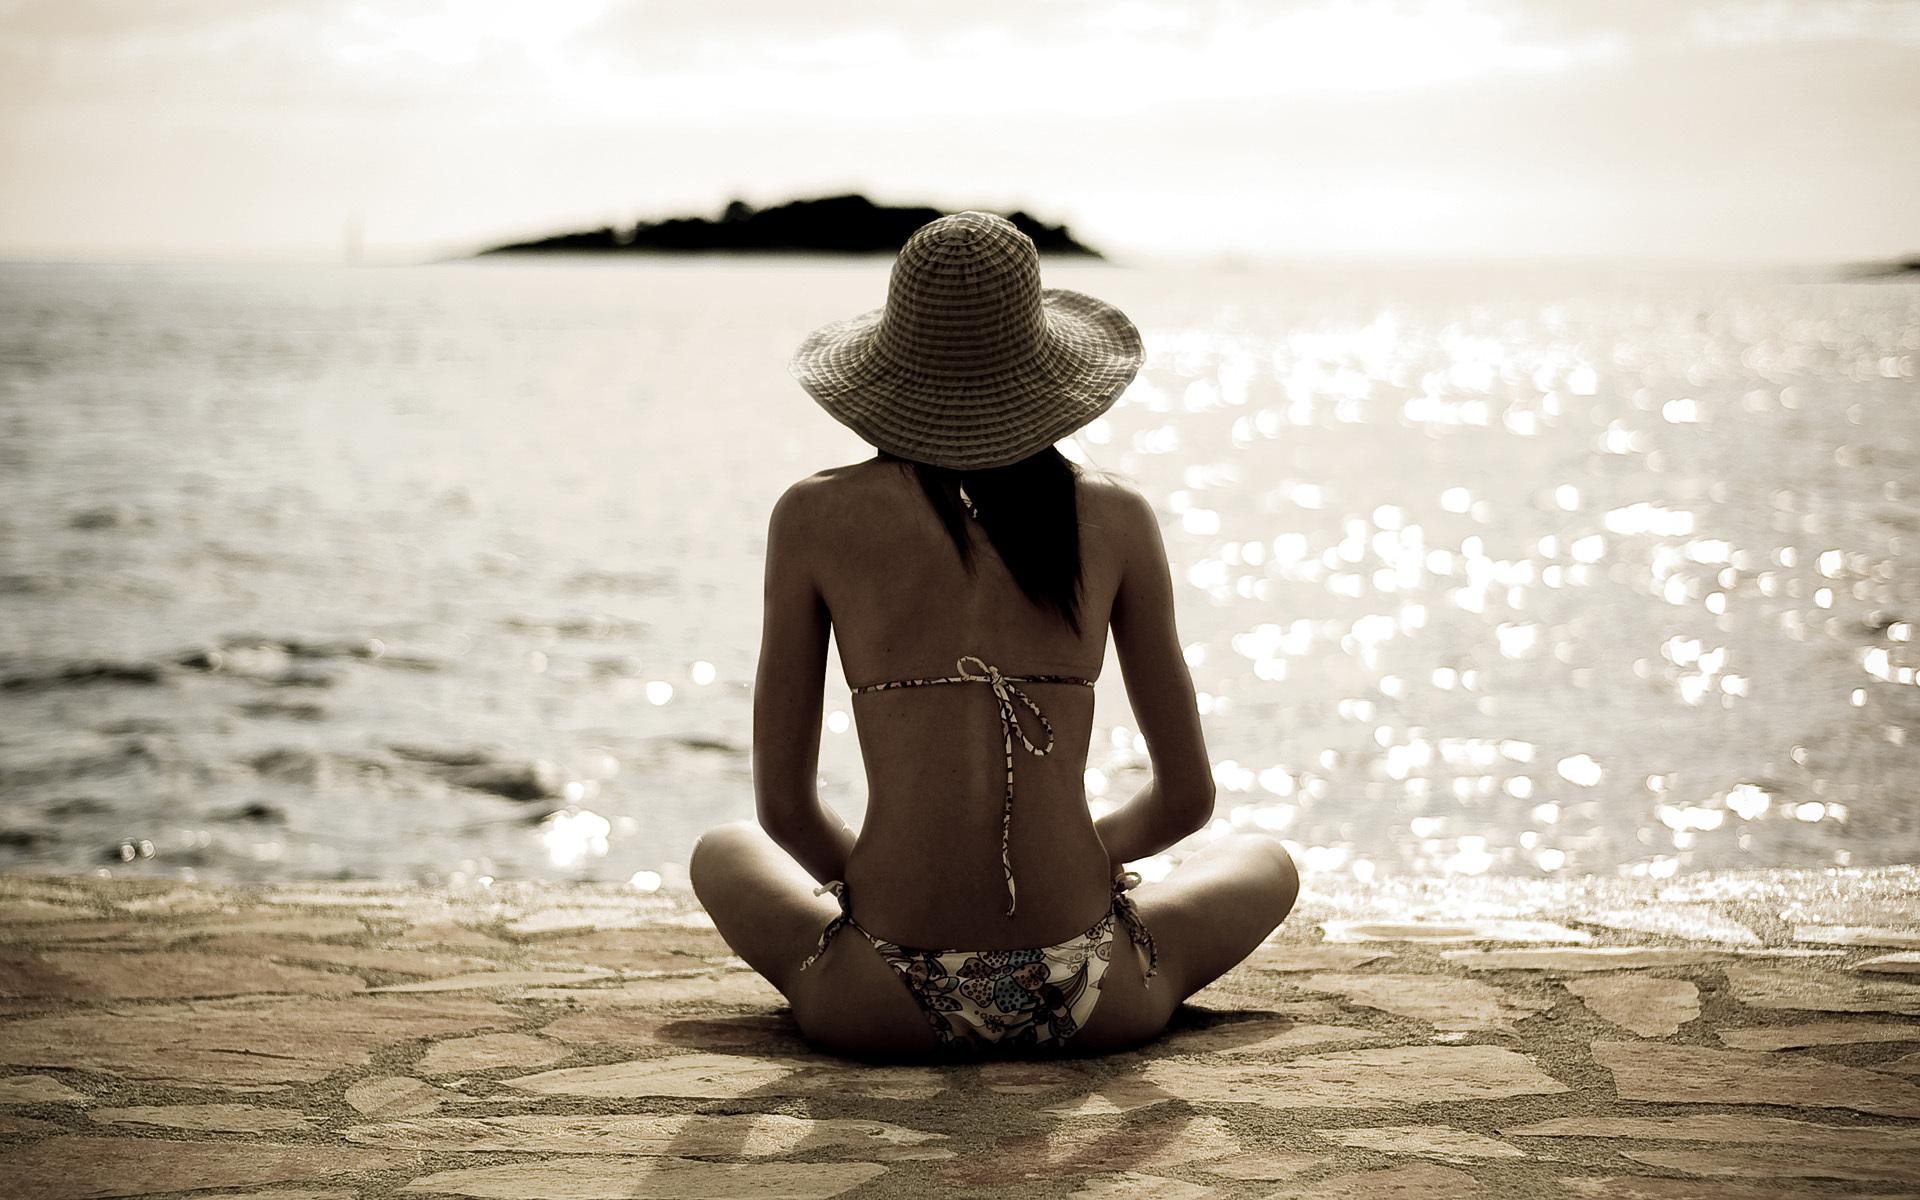 Фото красивых девушекбрюнеток отдыхающих на берегу моря 480, Голая брюнетка на берегу моря. Фото эротика 17 фотография